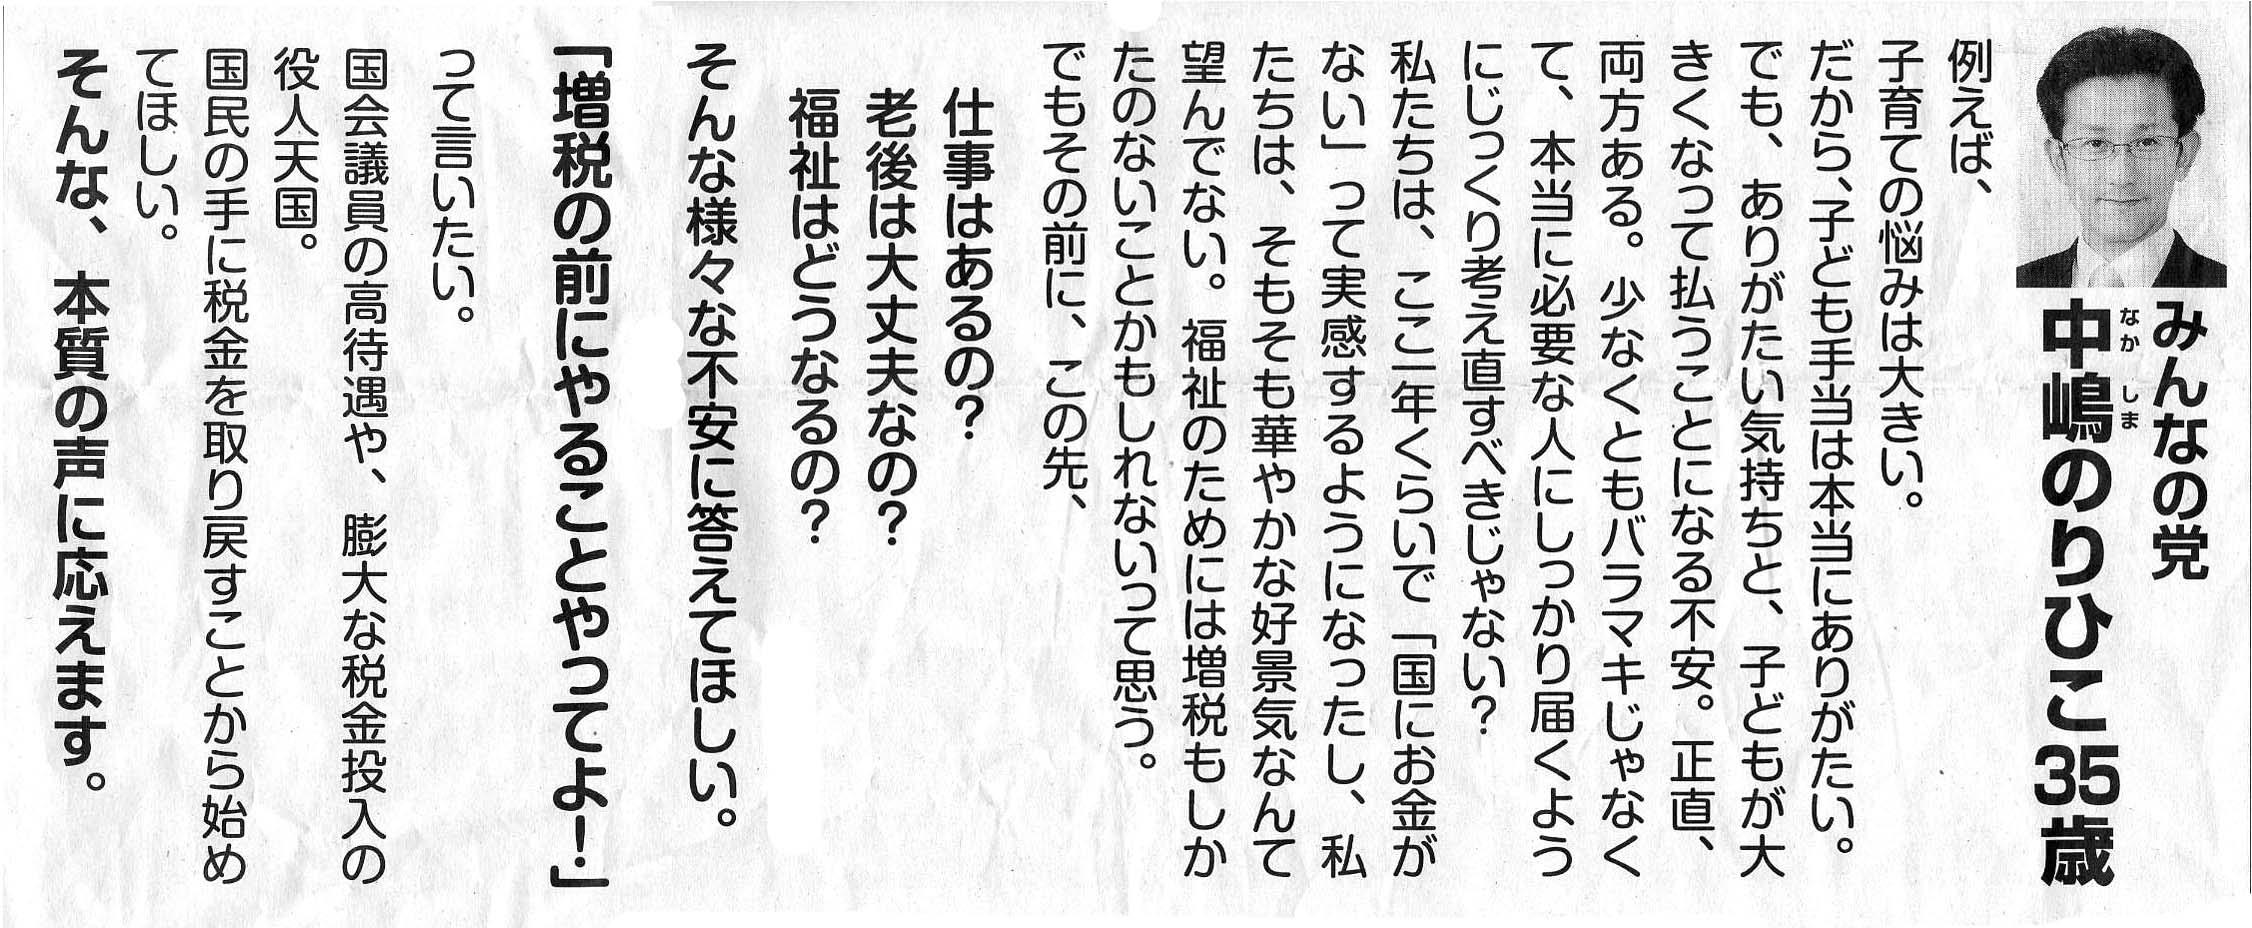 選挙公報(長崎選挙区)_c0052876_232594.jpg